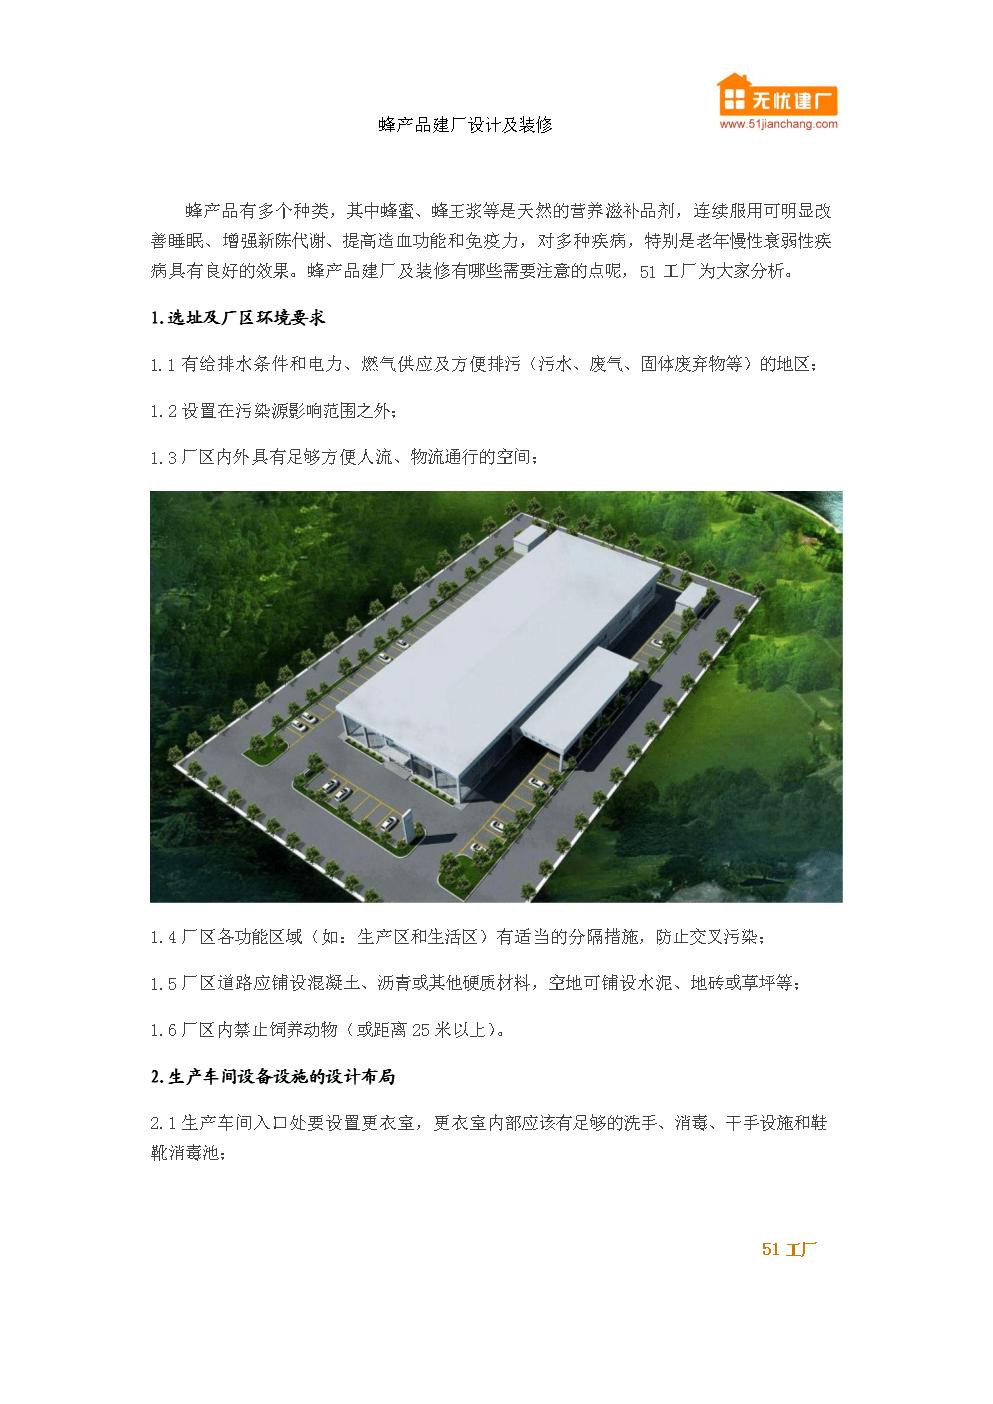 蜂产品建厂设计及装修要求.docx